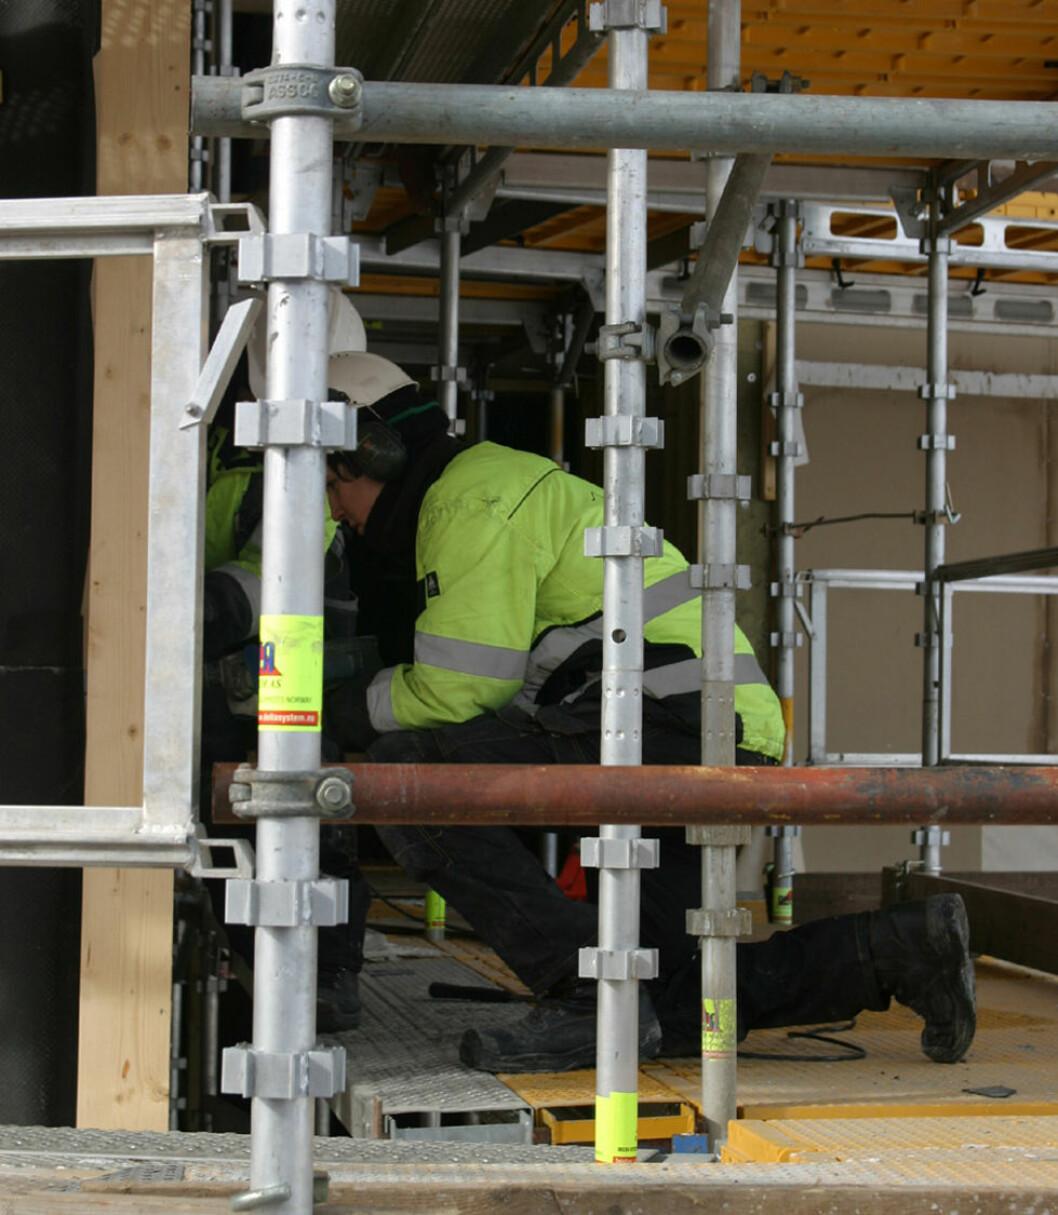 Feil og mangler på stillas er en gjenganger i byggebransjen. (Foto: Jan Tveita)